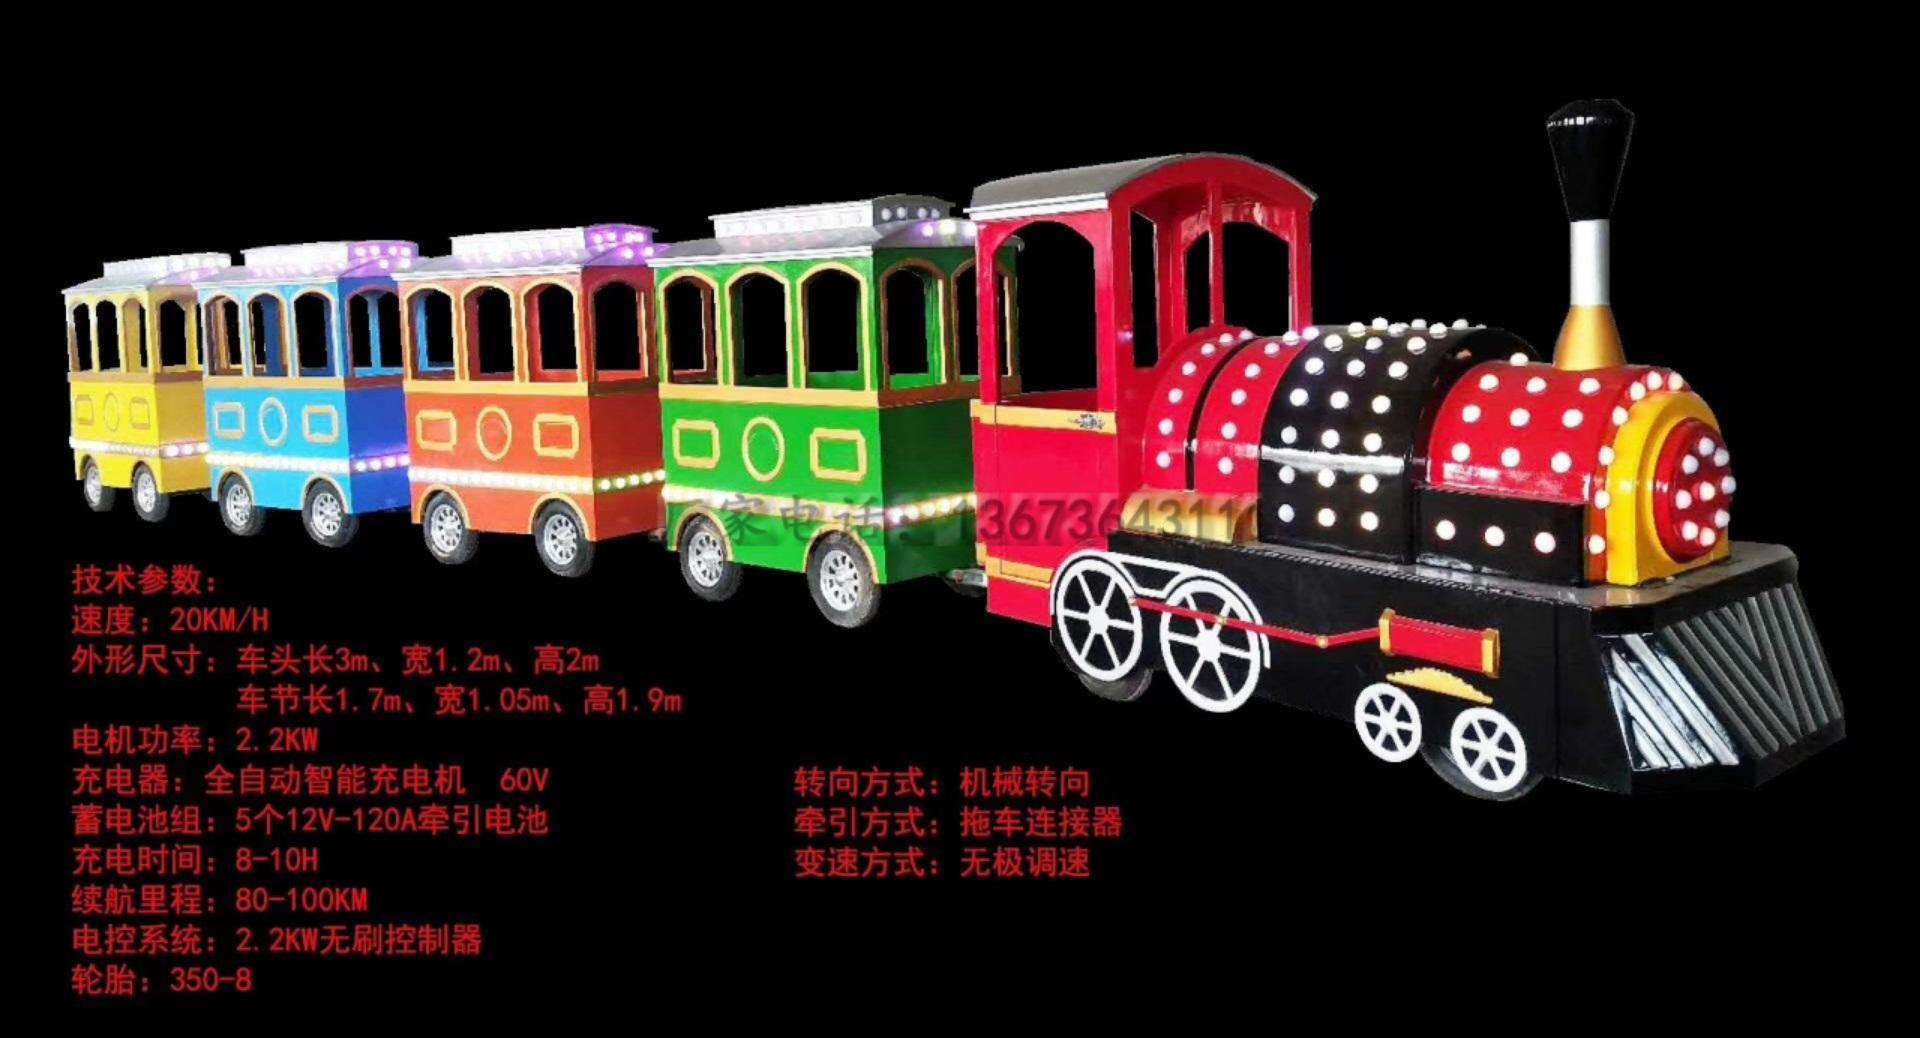 2020单人飞碟碰碰车 亲子双人飞碟碰碰车 批量定做 郑州大洋儿童游乐设备供应商游艺设施厂家示例图47